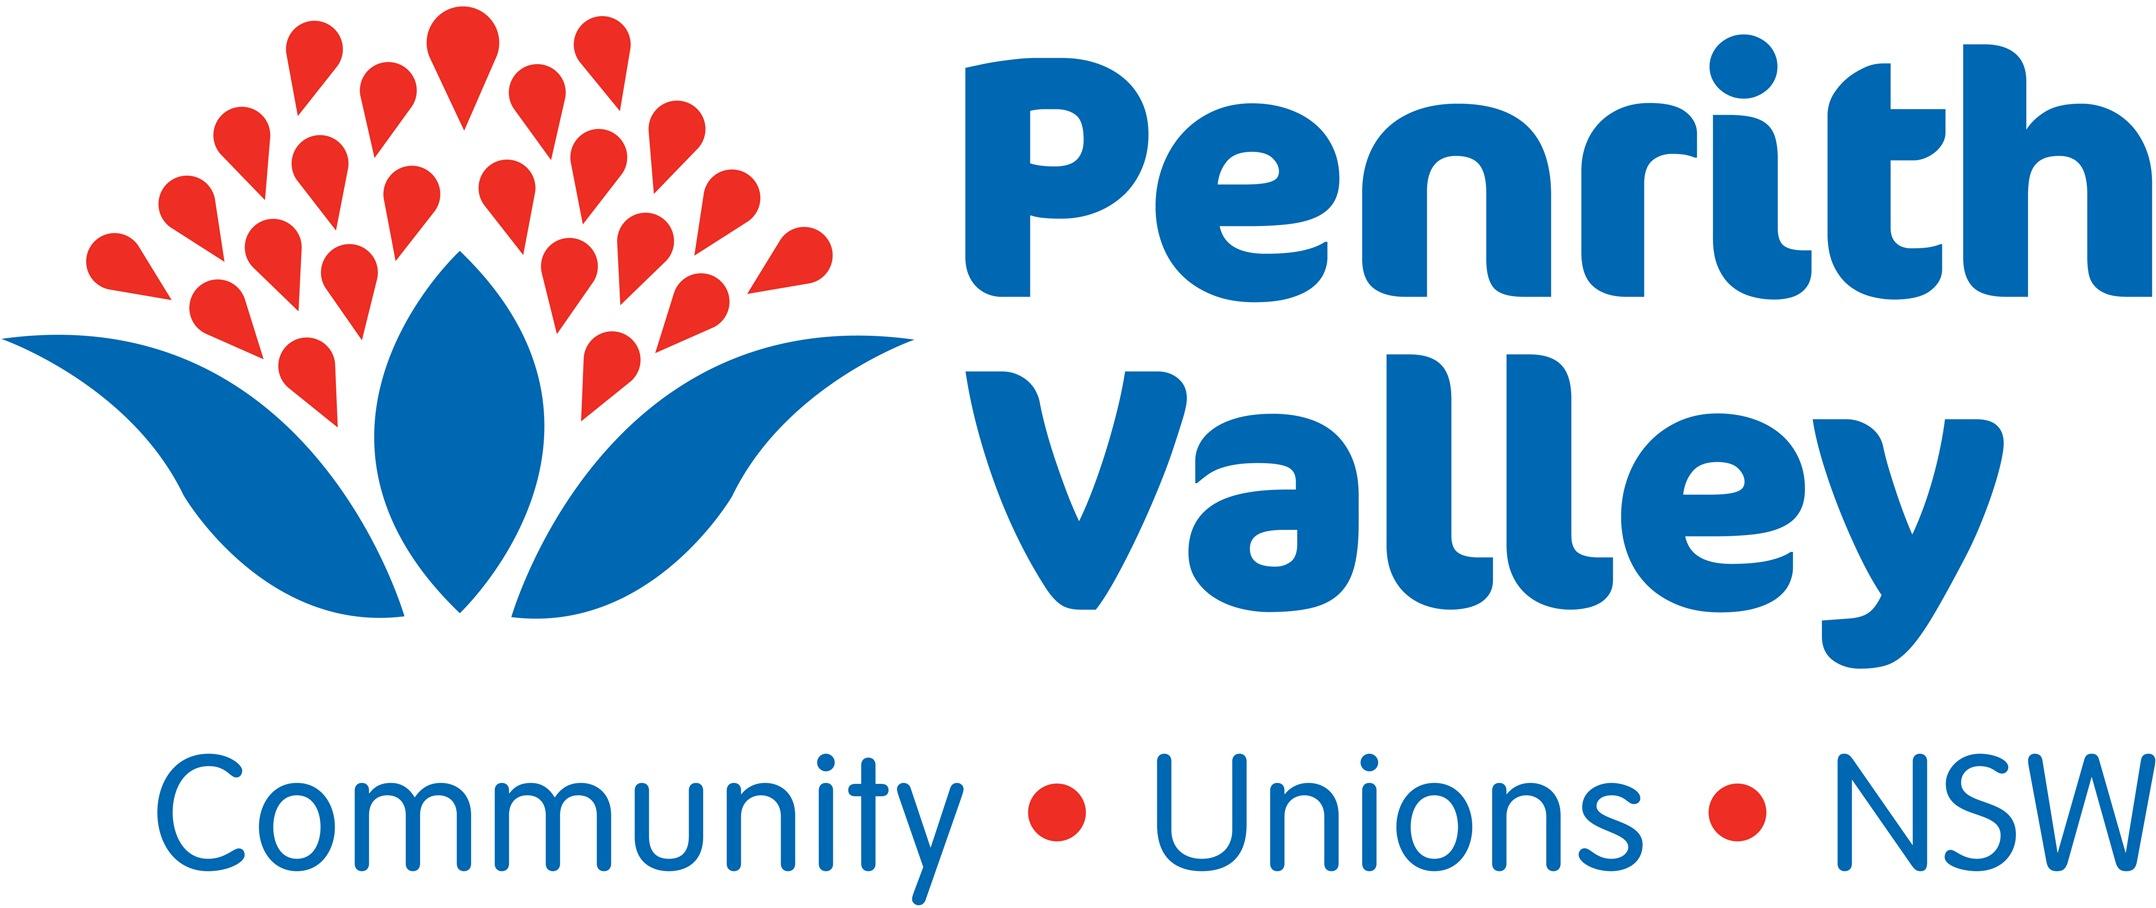 1_Penrith_Valley.jpg